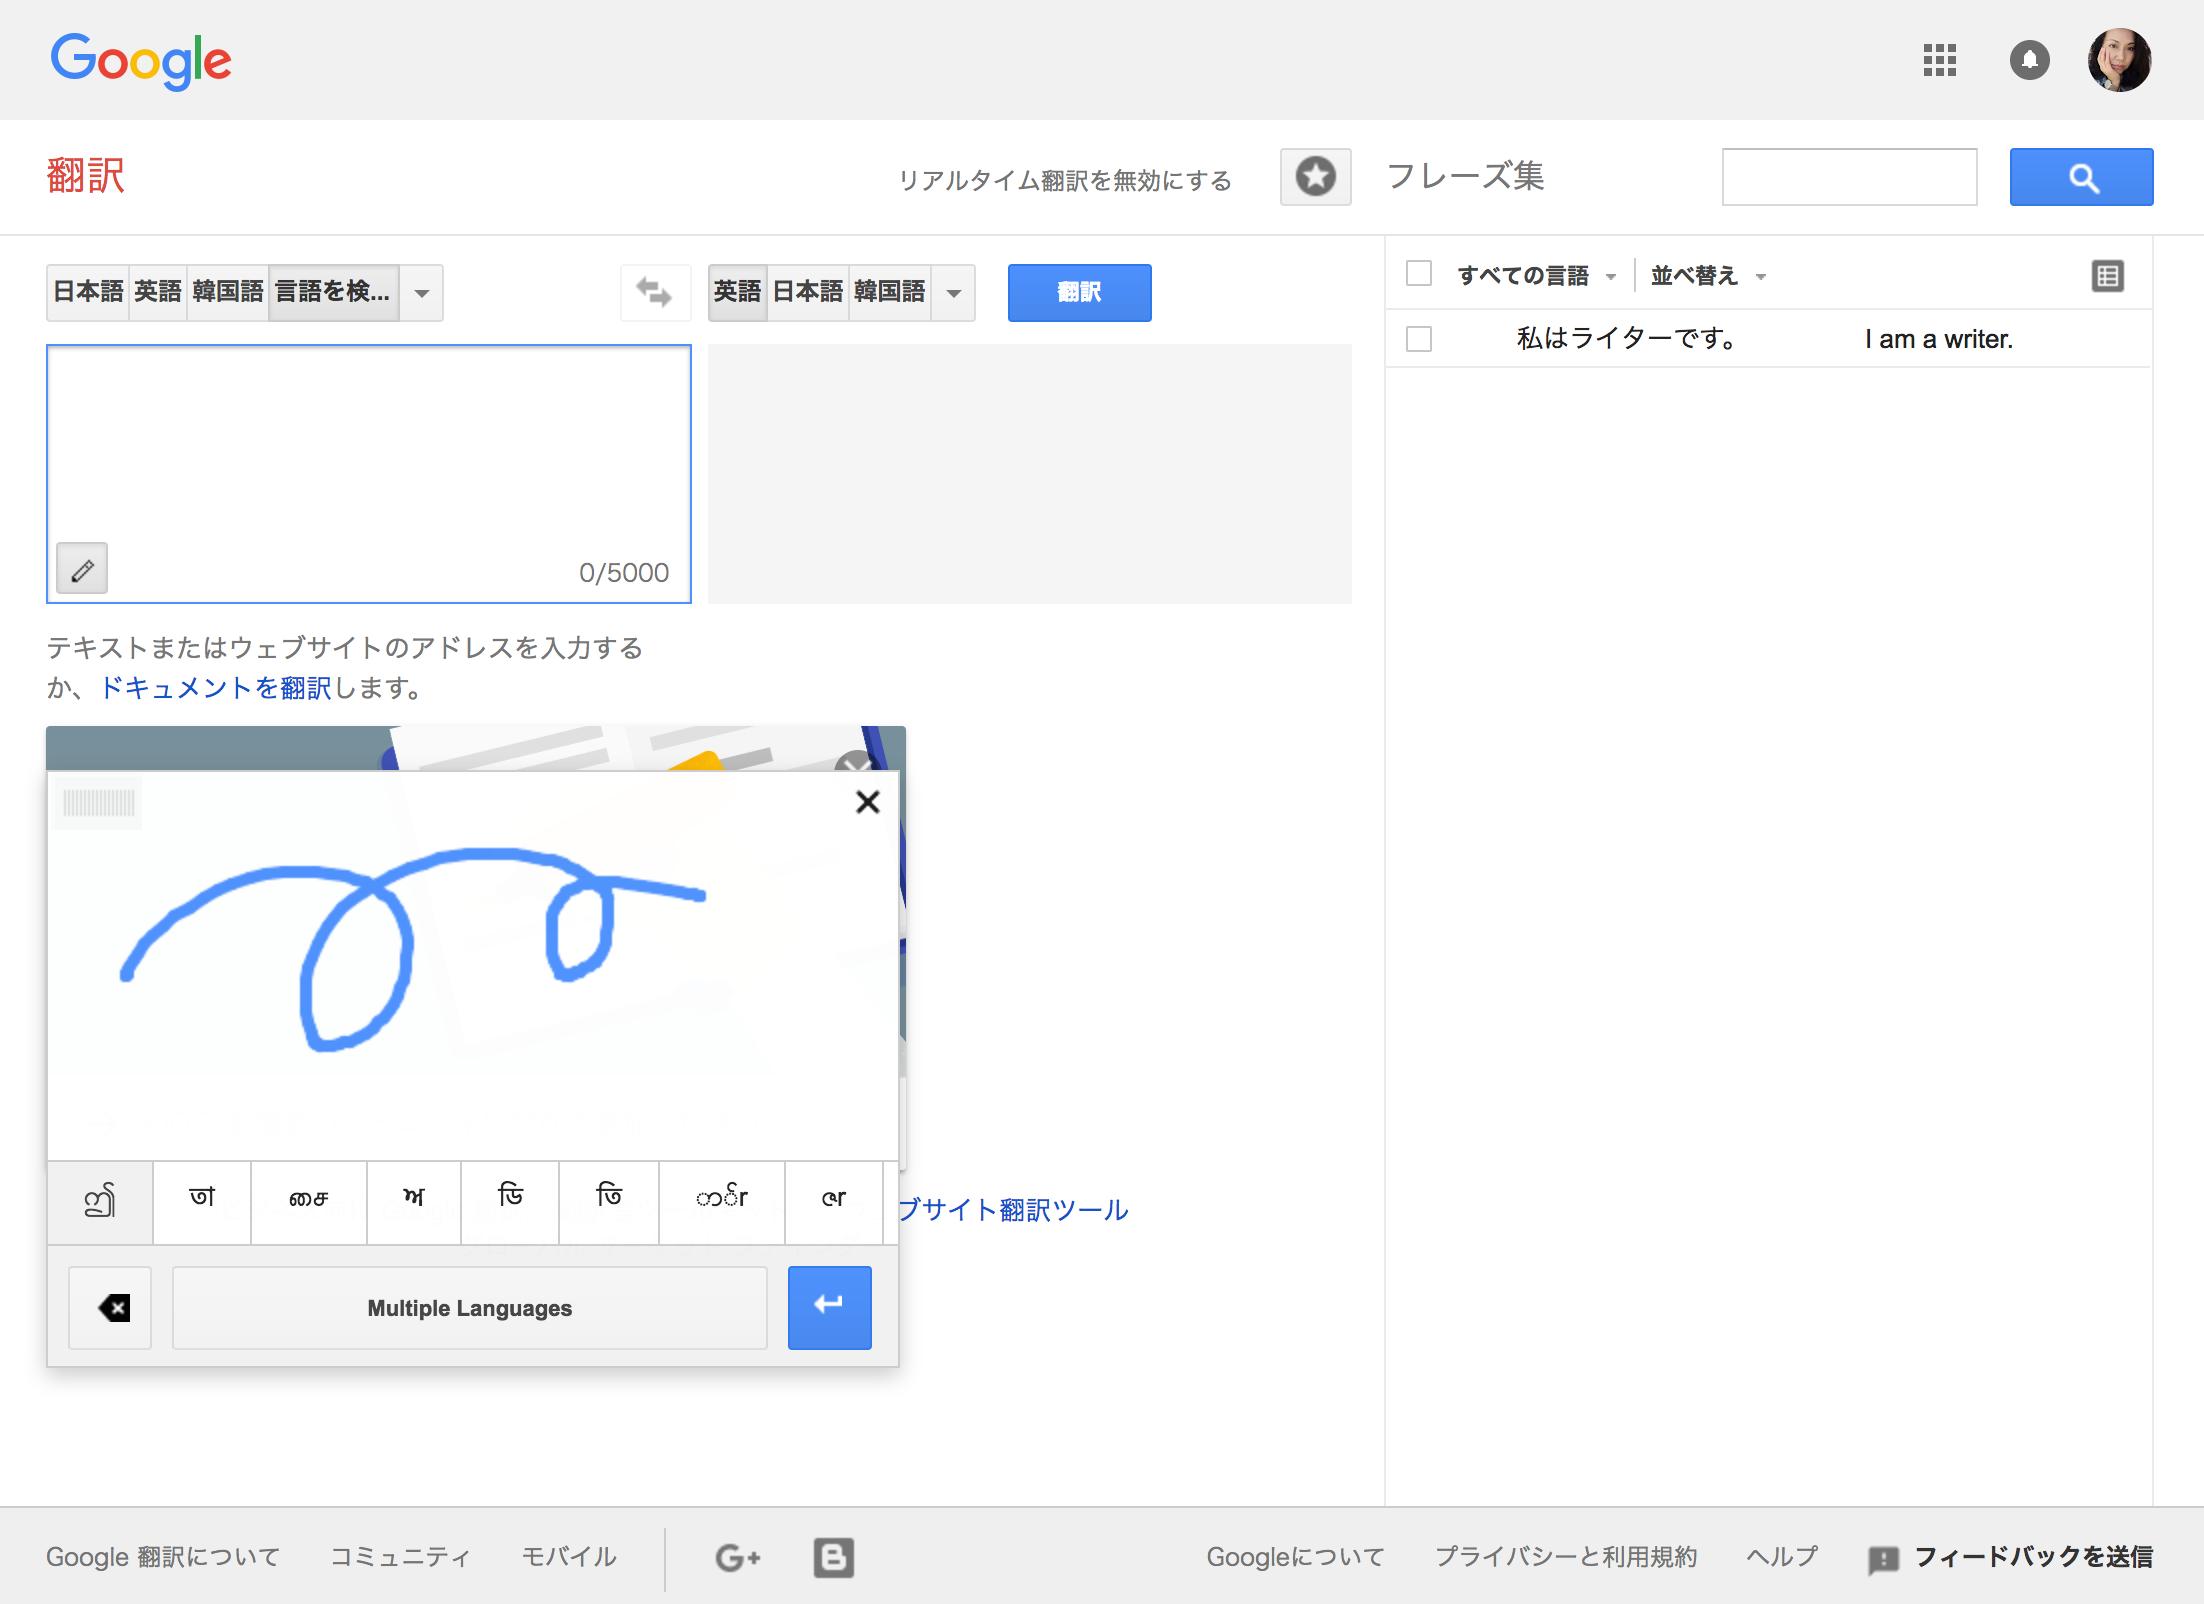 入力が難しい言語にも手書きで対応できます